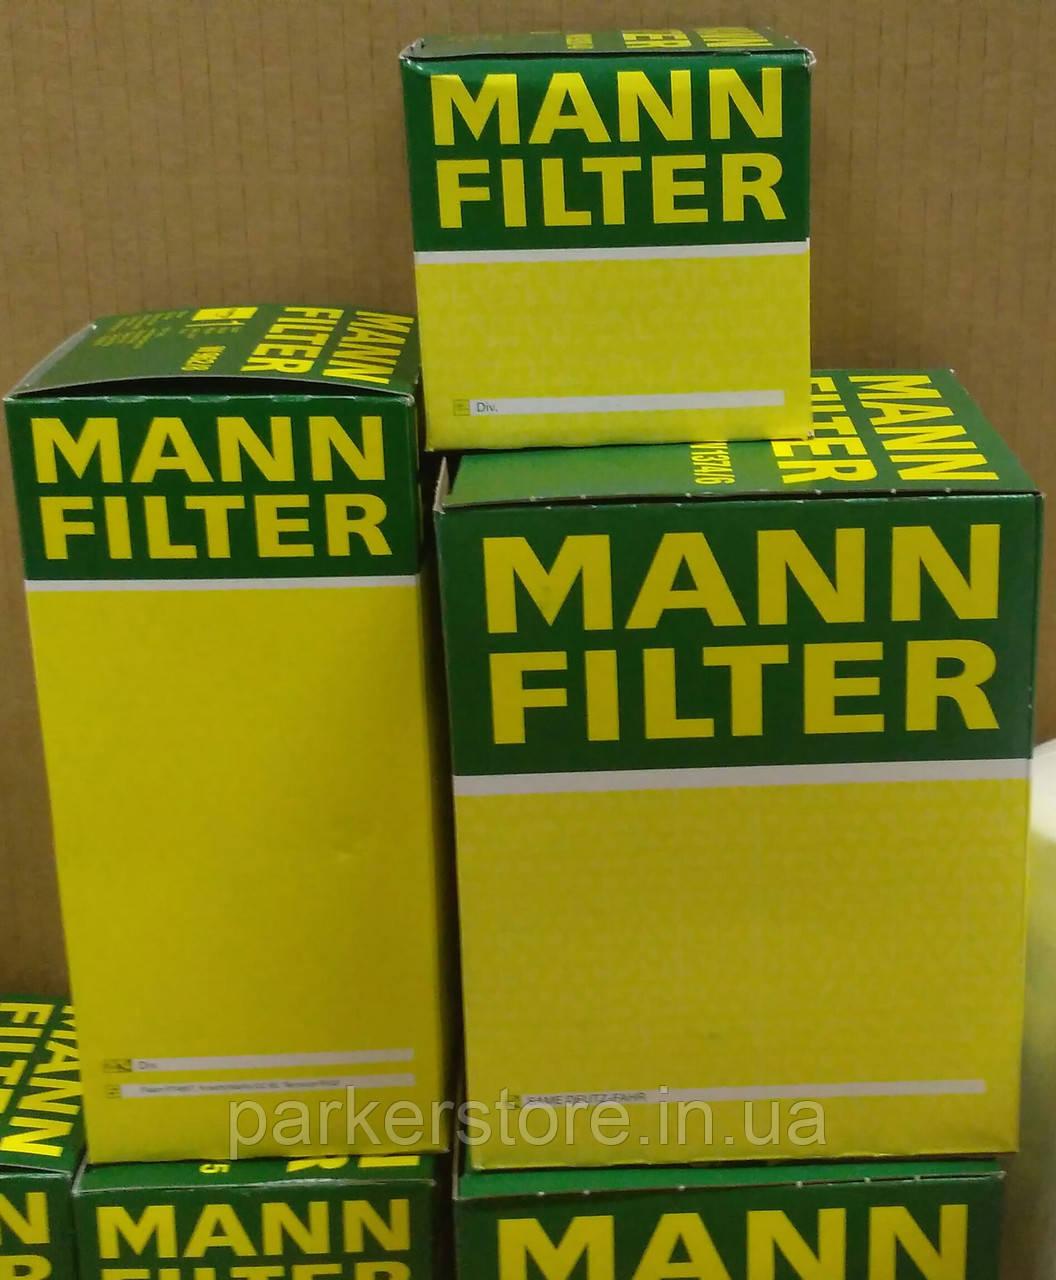 MANN FILTER / Повітряний фільтр / C 16 134/1 / C16134/1